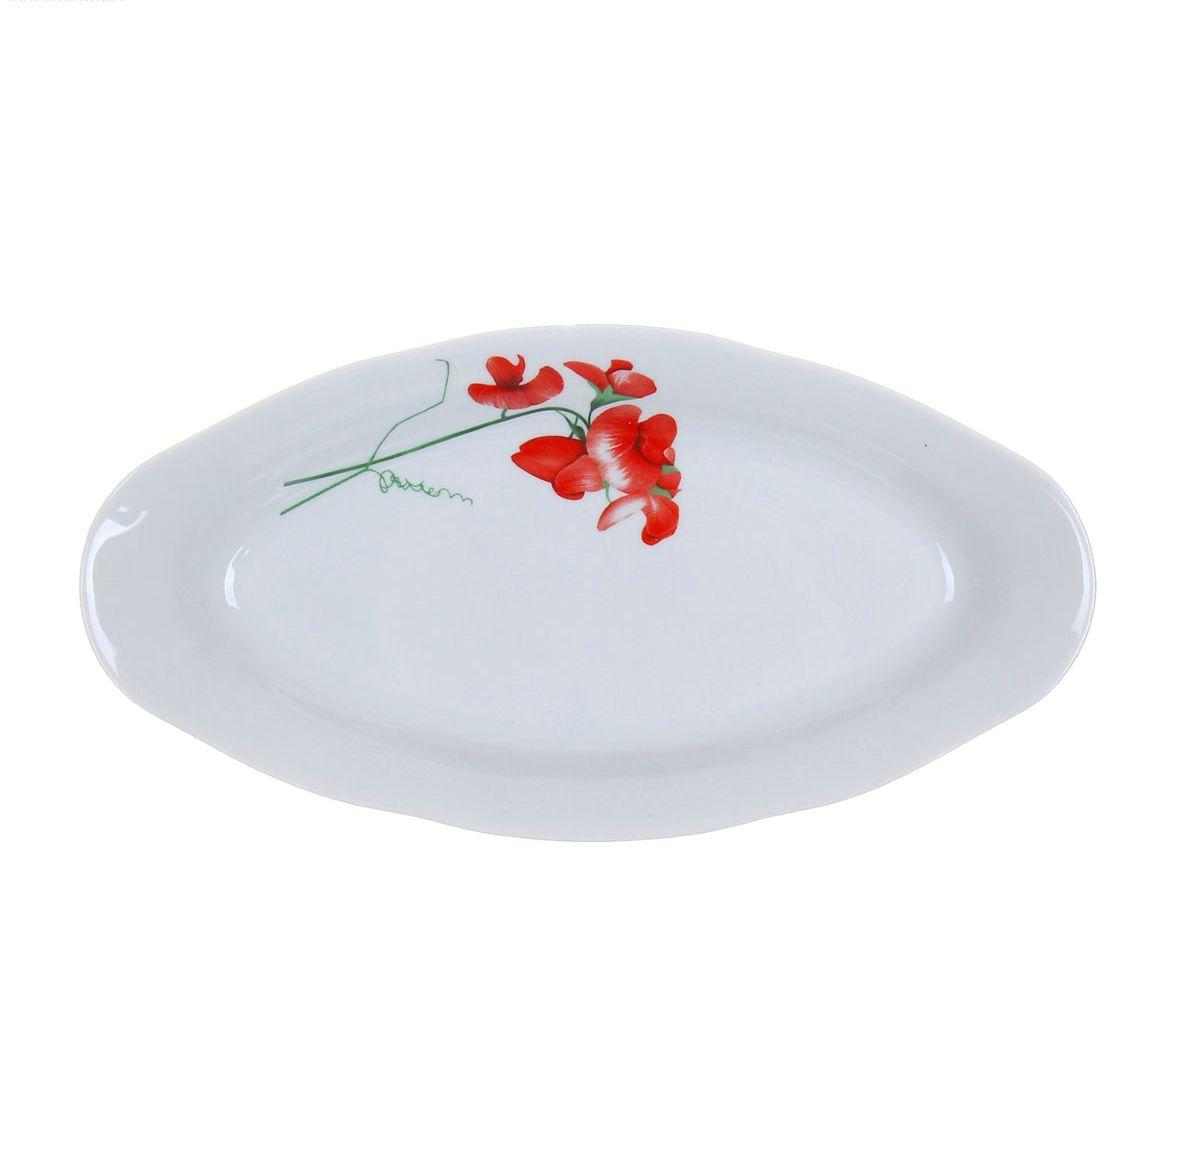 Селедочница Идиллия. Рубин, длина 25 см1109493Селедочница Идиллия. Рубин, изготовленная из высококачественного фарфора, оформлена красочным изображением и имеет изысканный внешний вид. Изделие имеет специальную форму, которая идеально подходит для сервировки рыбы, а также нарезок и закусок. Селедочница Идиллия. Рубин великолепно украсит праздничный стол и станет прекрасным дополнением к вашему кухонному инвентарю.